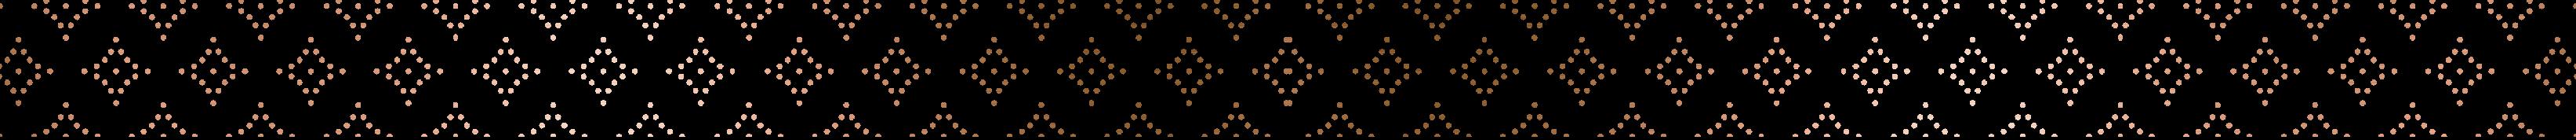 sitarheaderdecoration-01